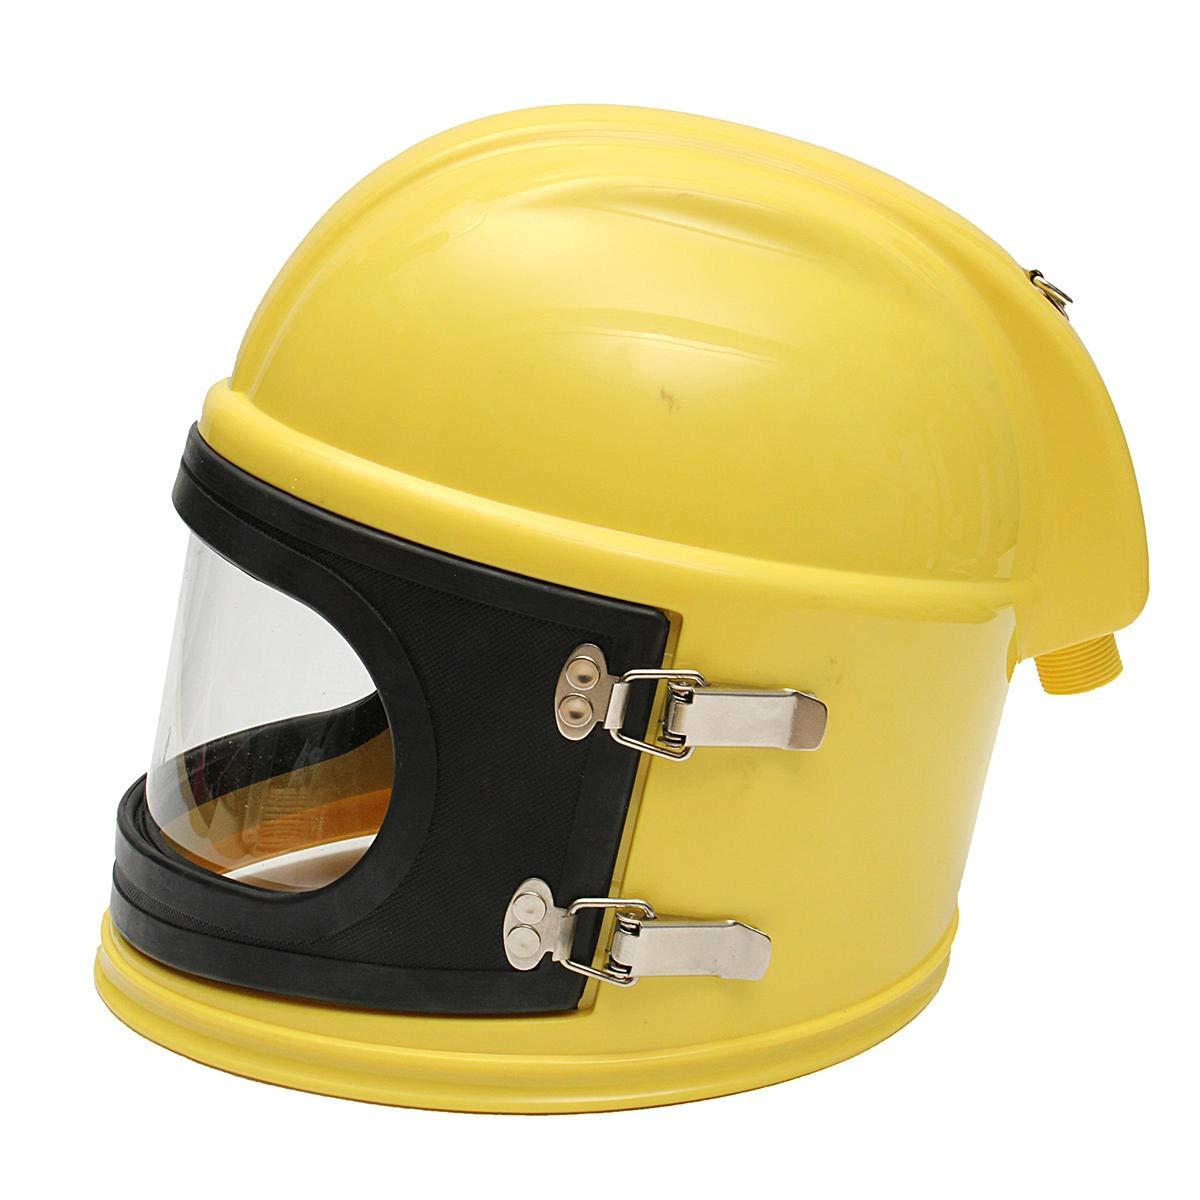 AIR FED Safety Sandblast Helmet Sand Blast Hood Protector for Sandblasting by Anddoa (Image #9)